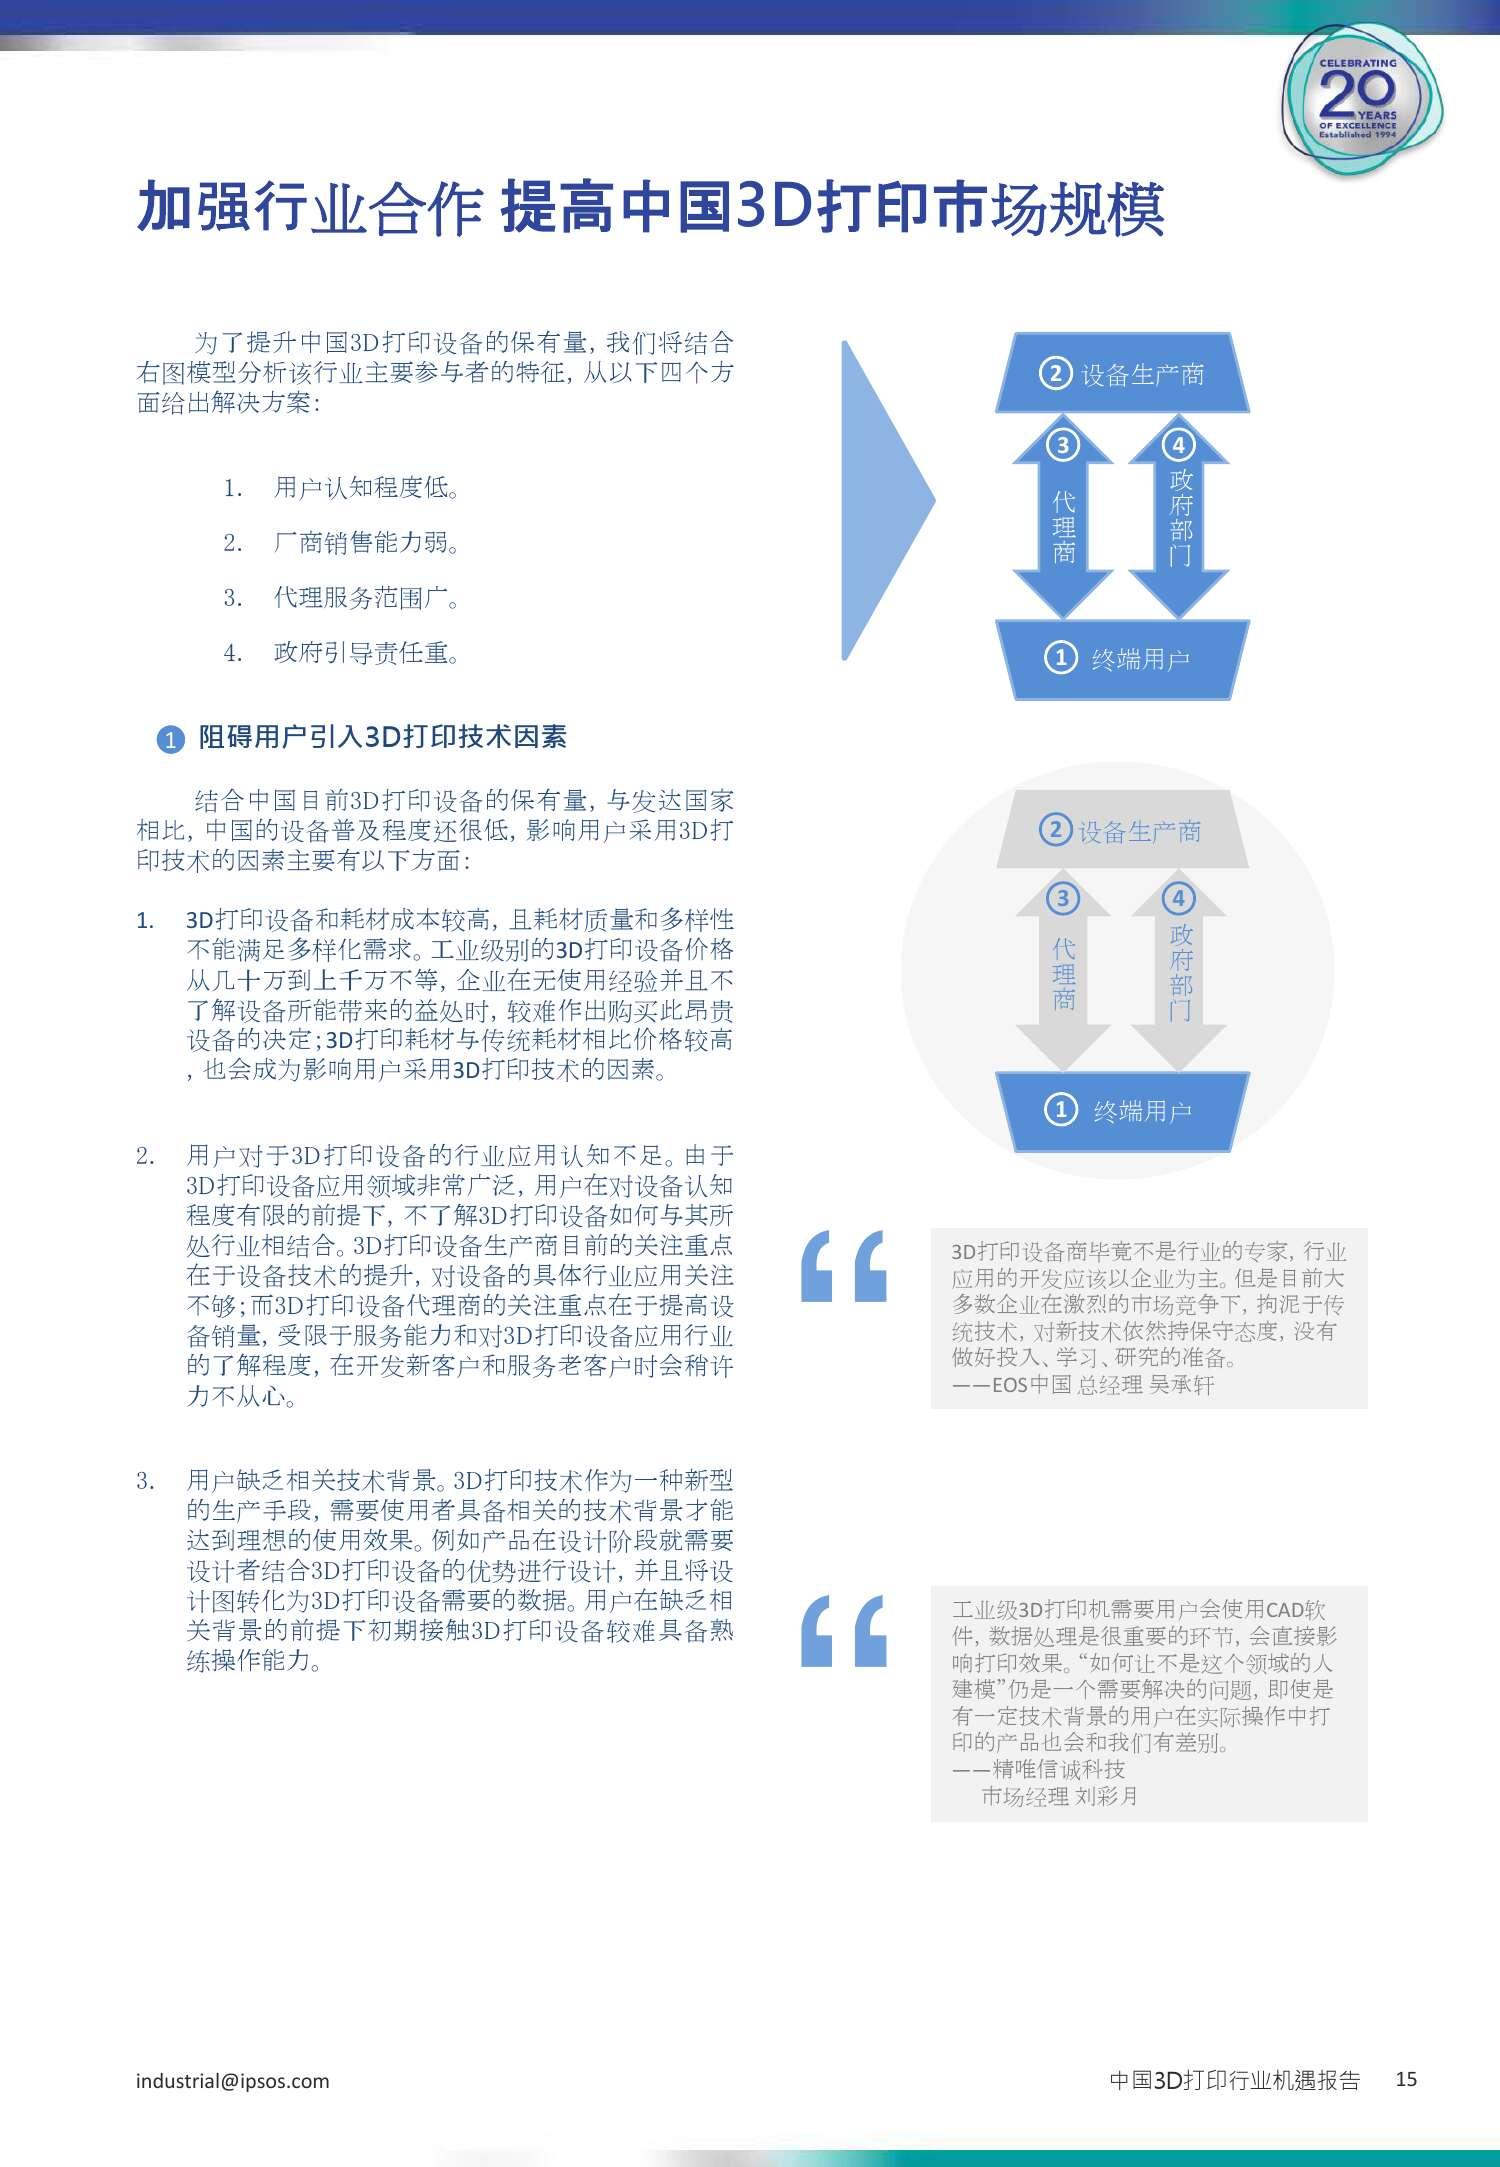 3D打印行业机遇报告_000015